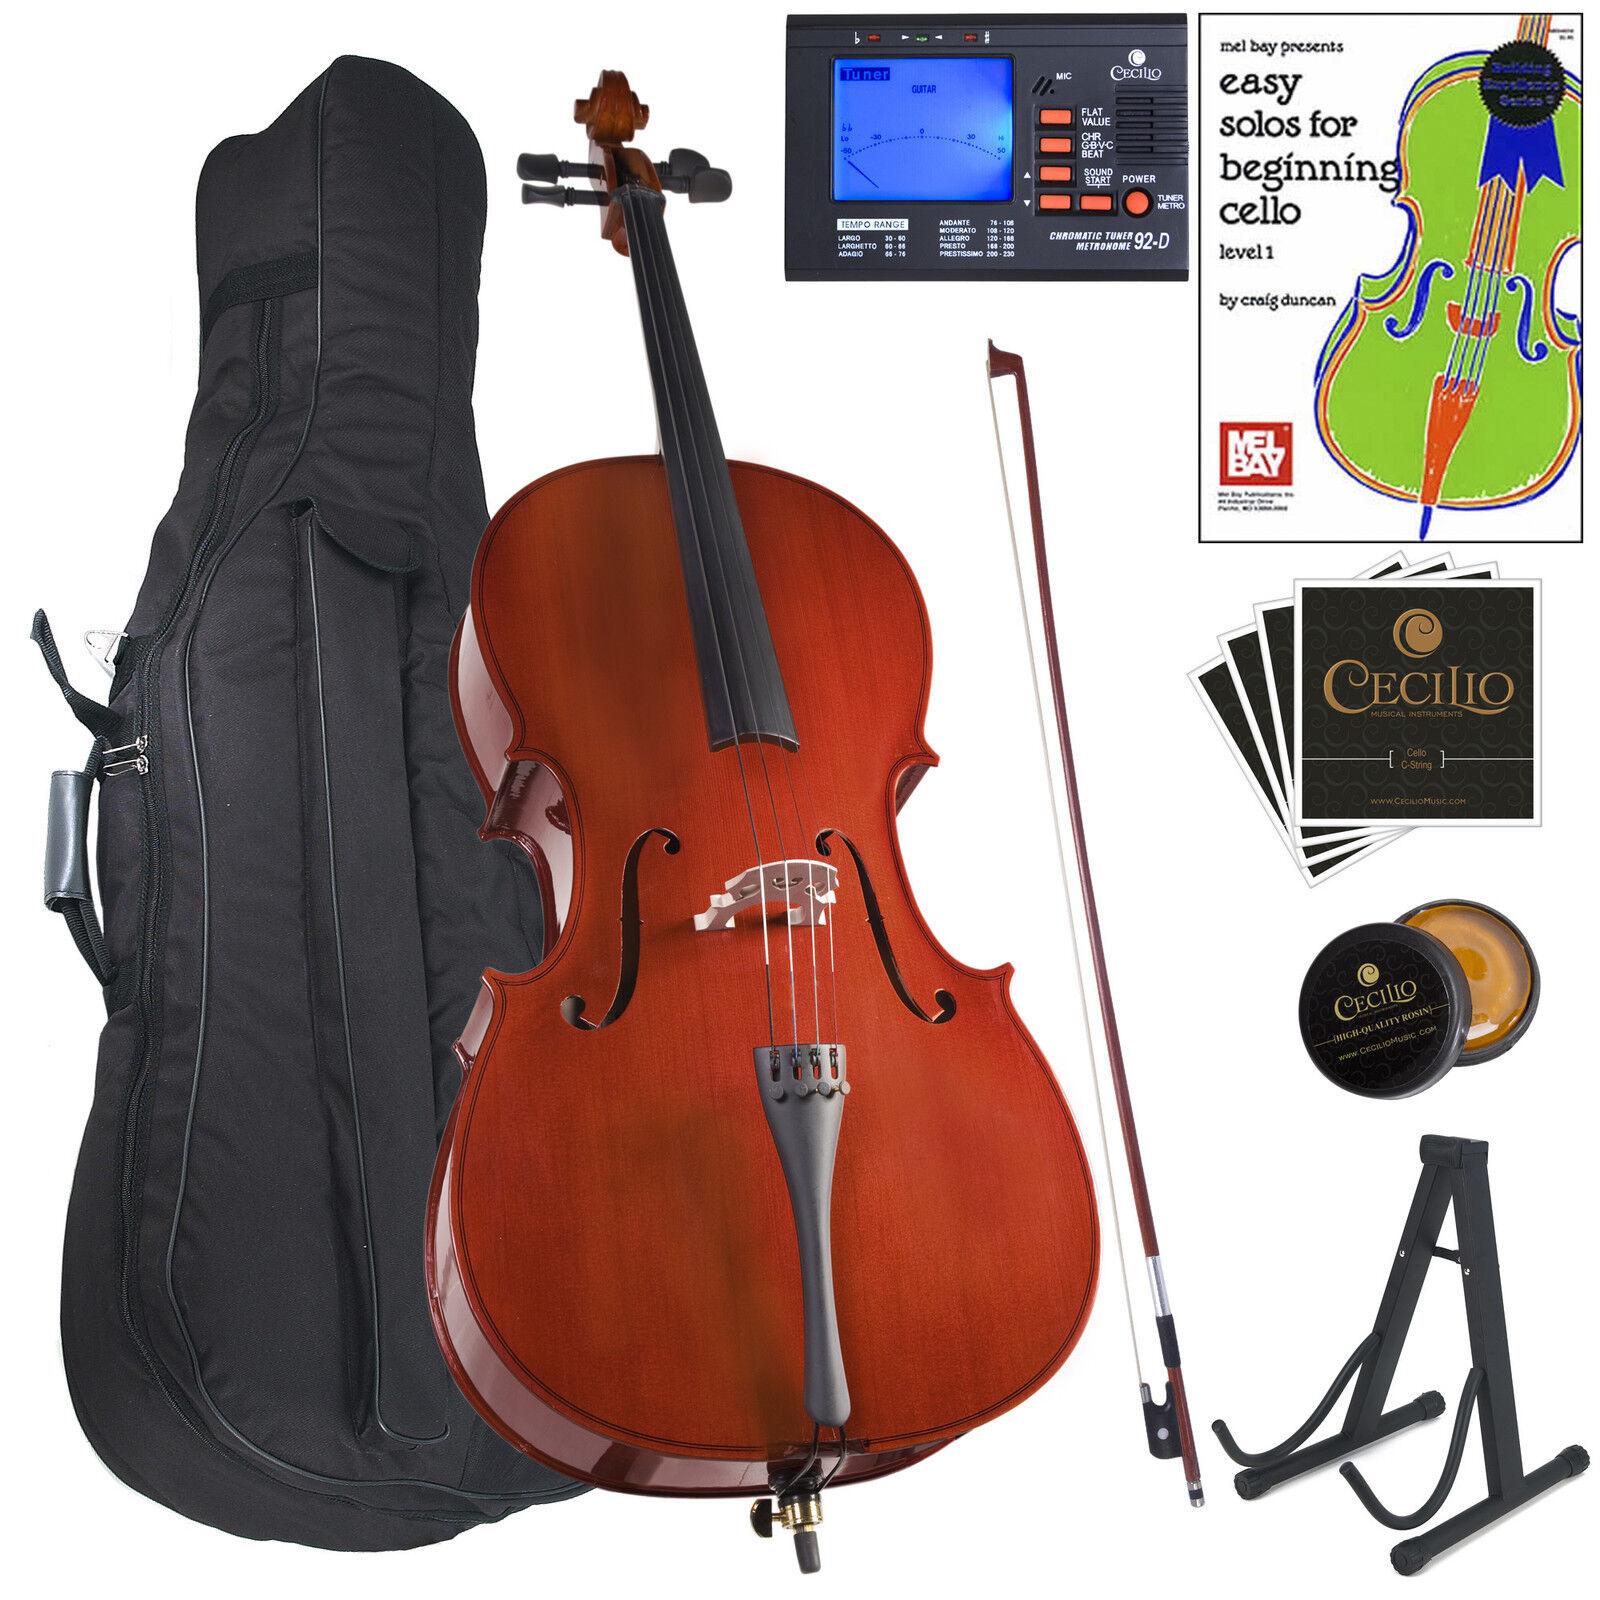 Cecilio 1 4 CCO-100 Student Cello +Tuner+Stand+Lesson Book+Rosin 1 4CCO-100